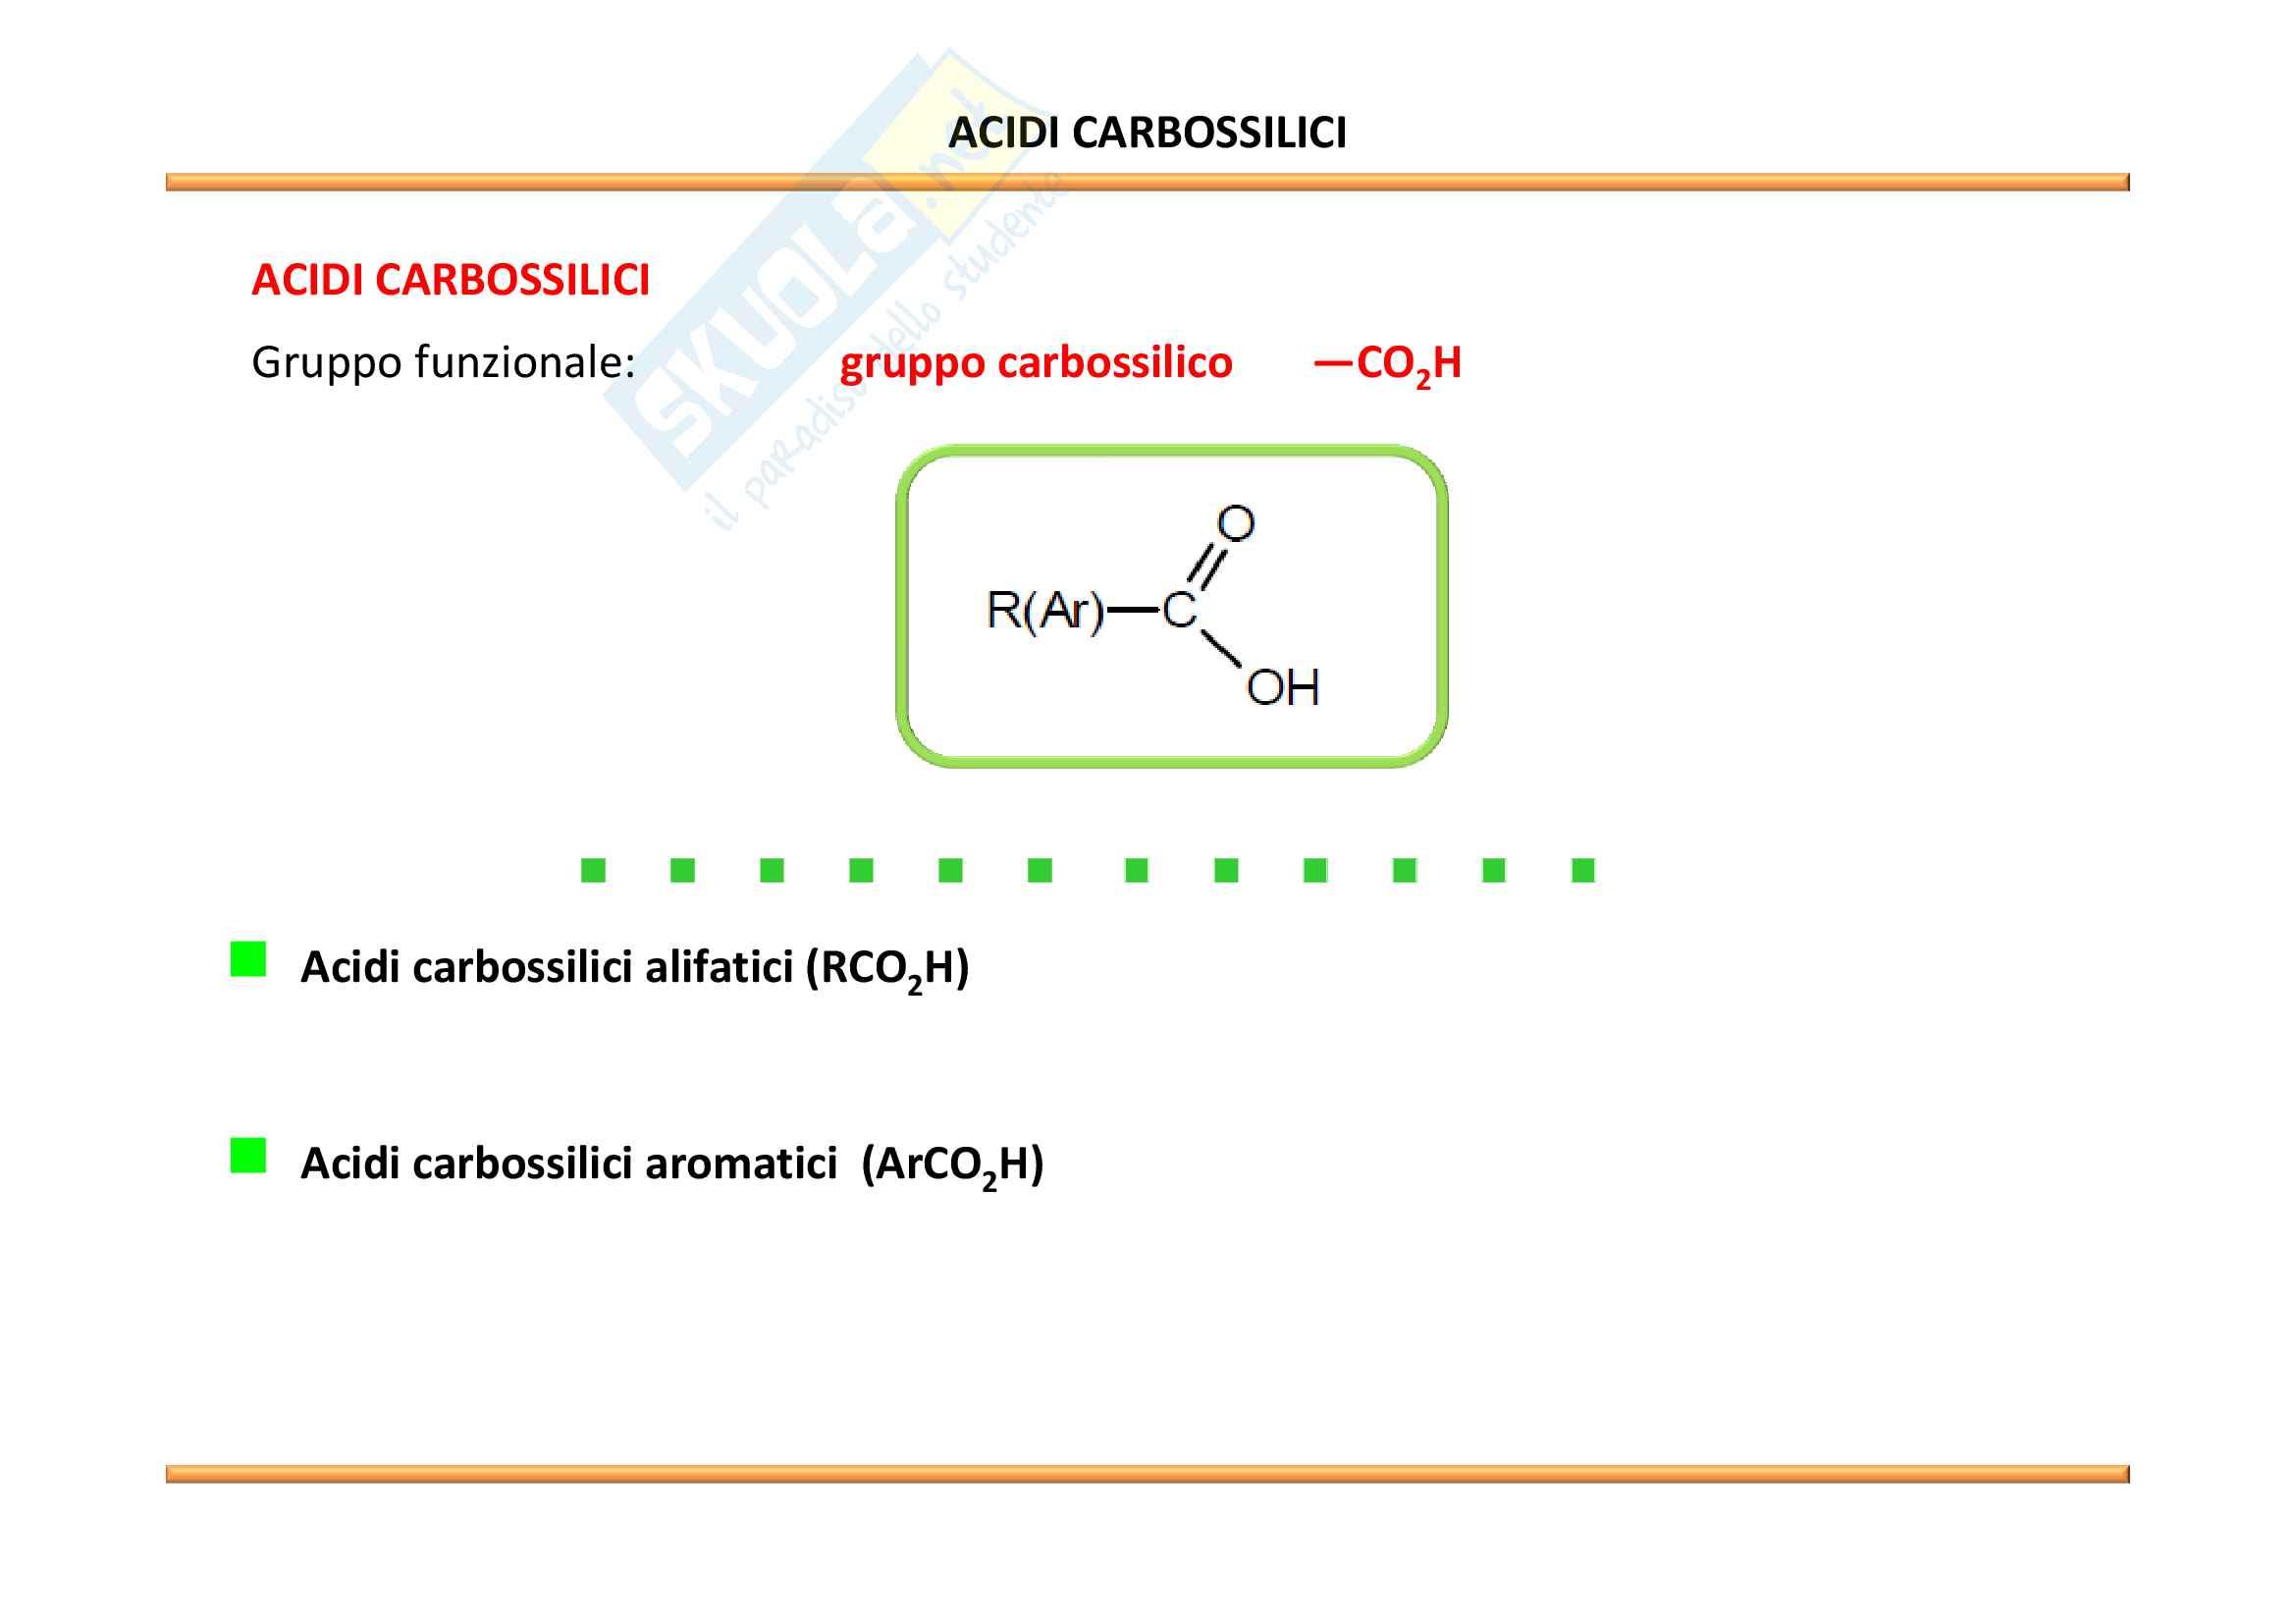 Chimica Organica: Acidi carbossilici e derivati